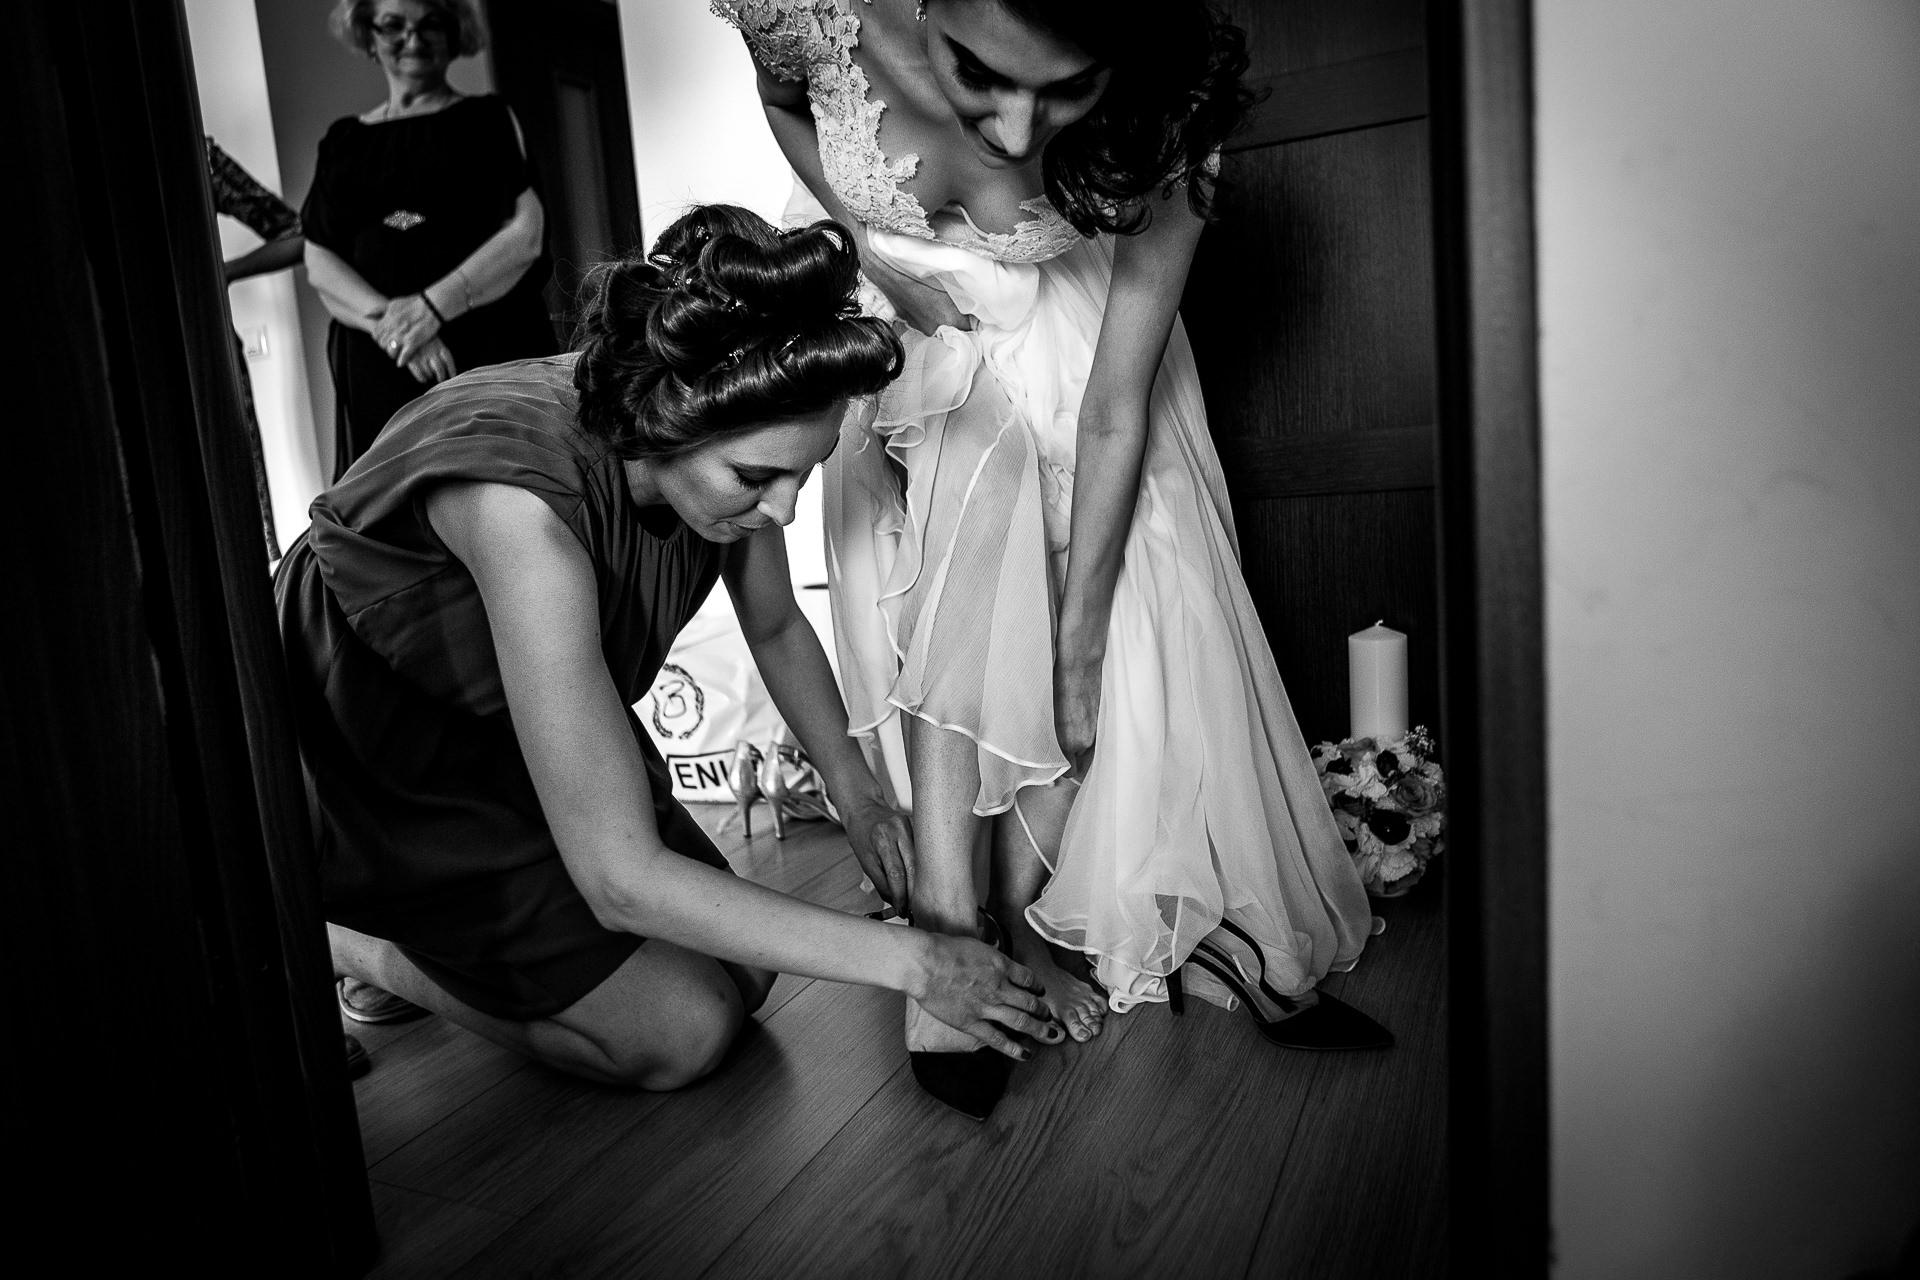 nuntă Salon Elisabeta - Elena şi Costin - Mihai Zaharia Photography - 023